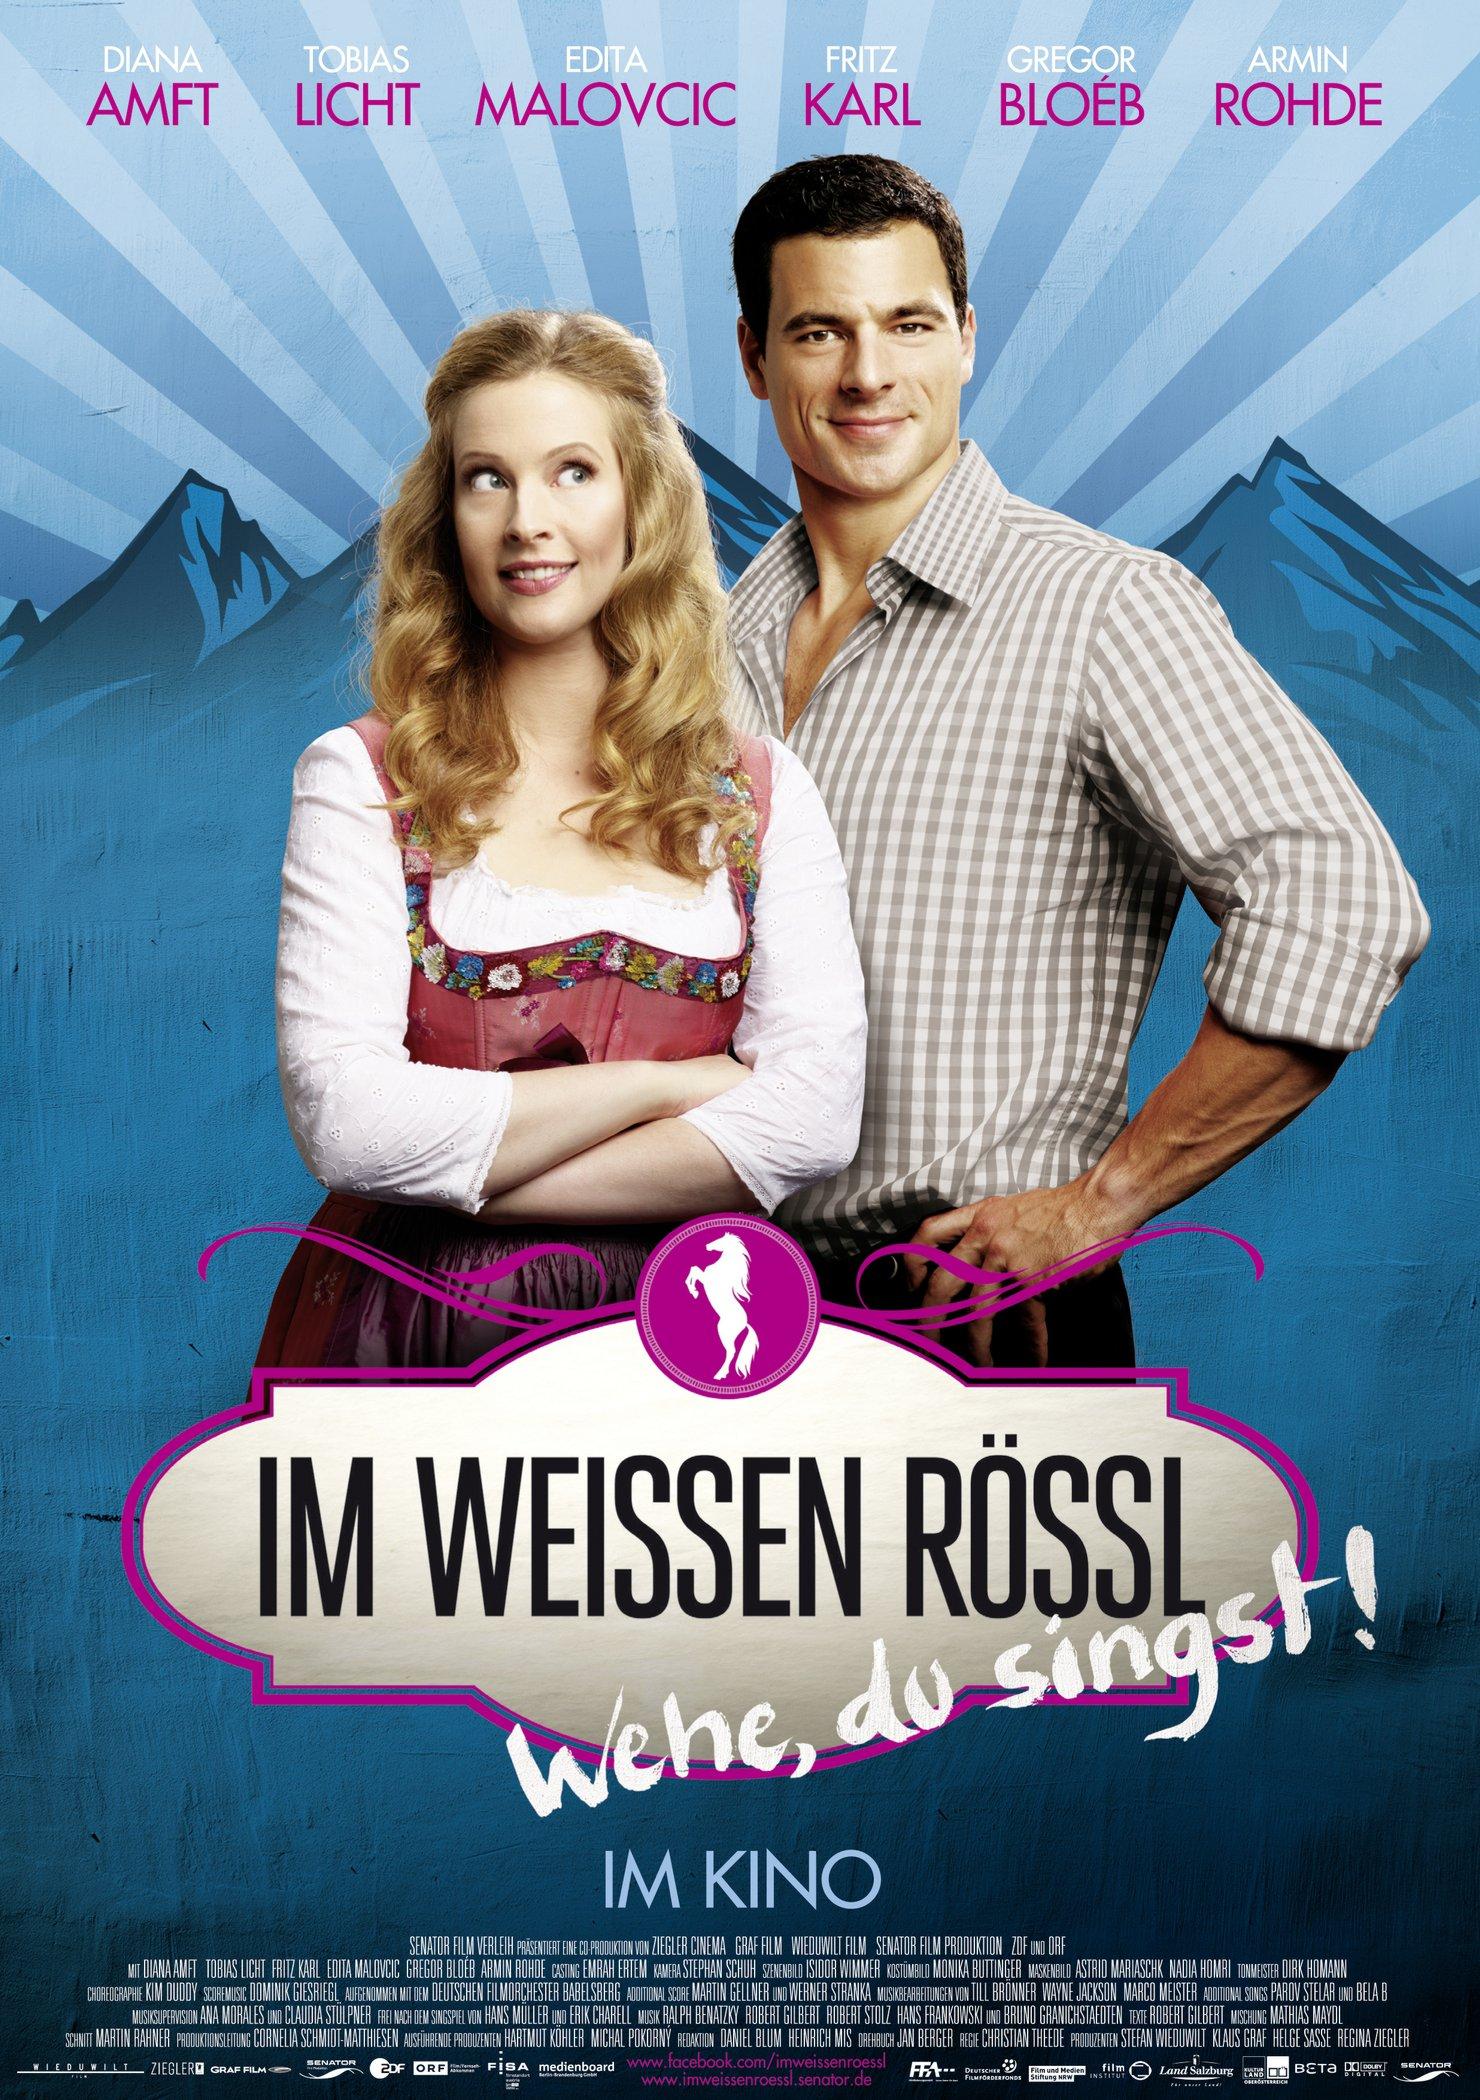 Im weißen Rössl - Wehe, du singst! (Poster)